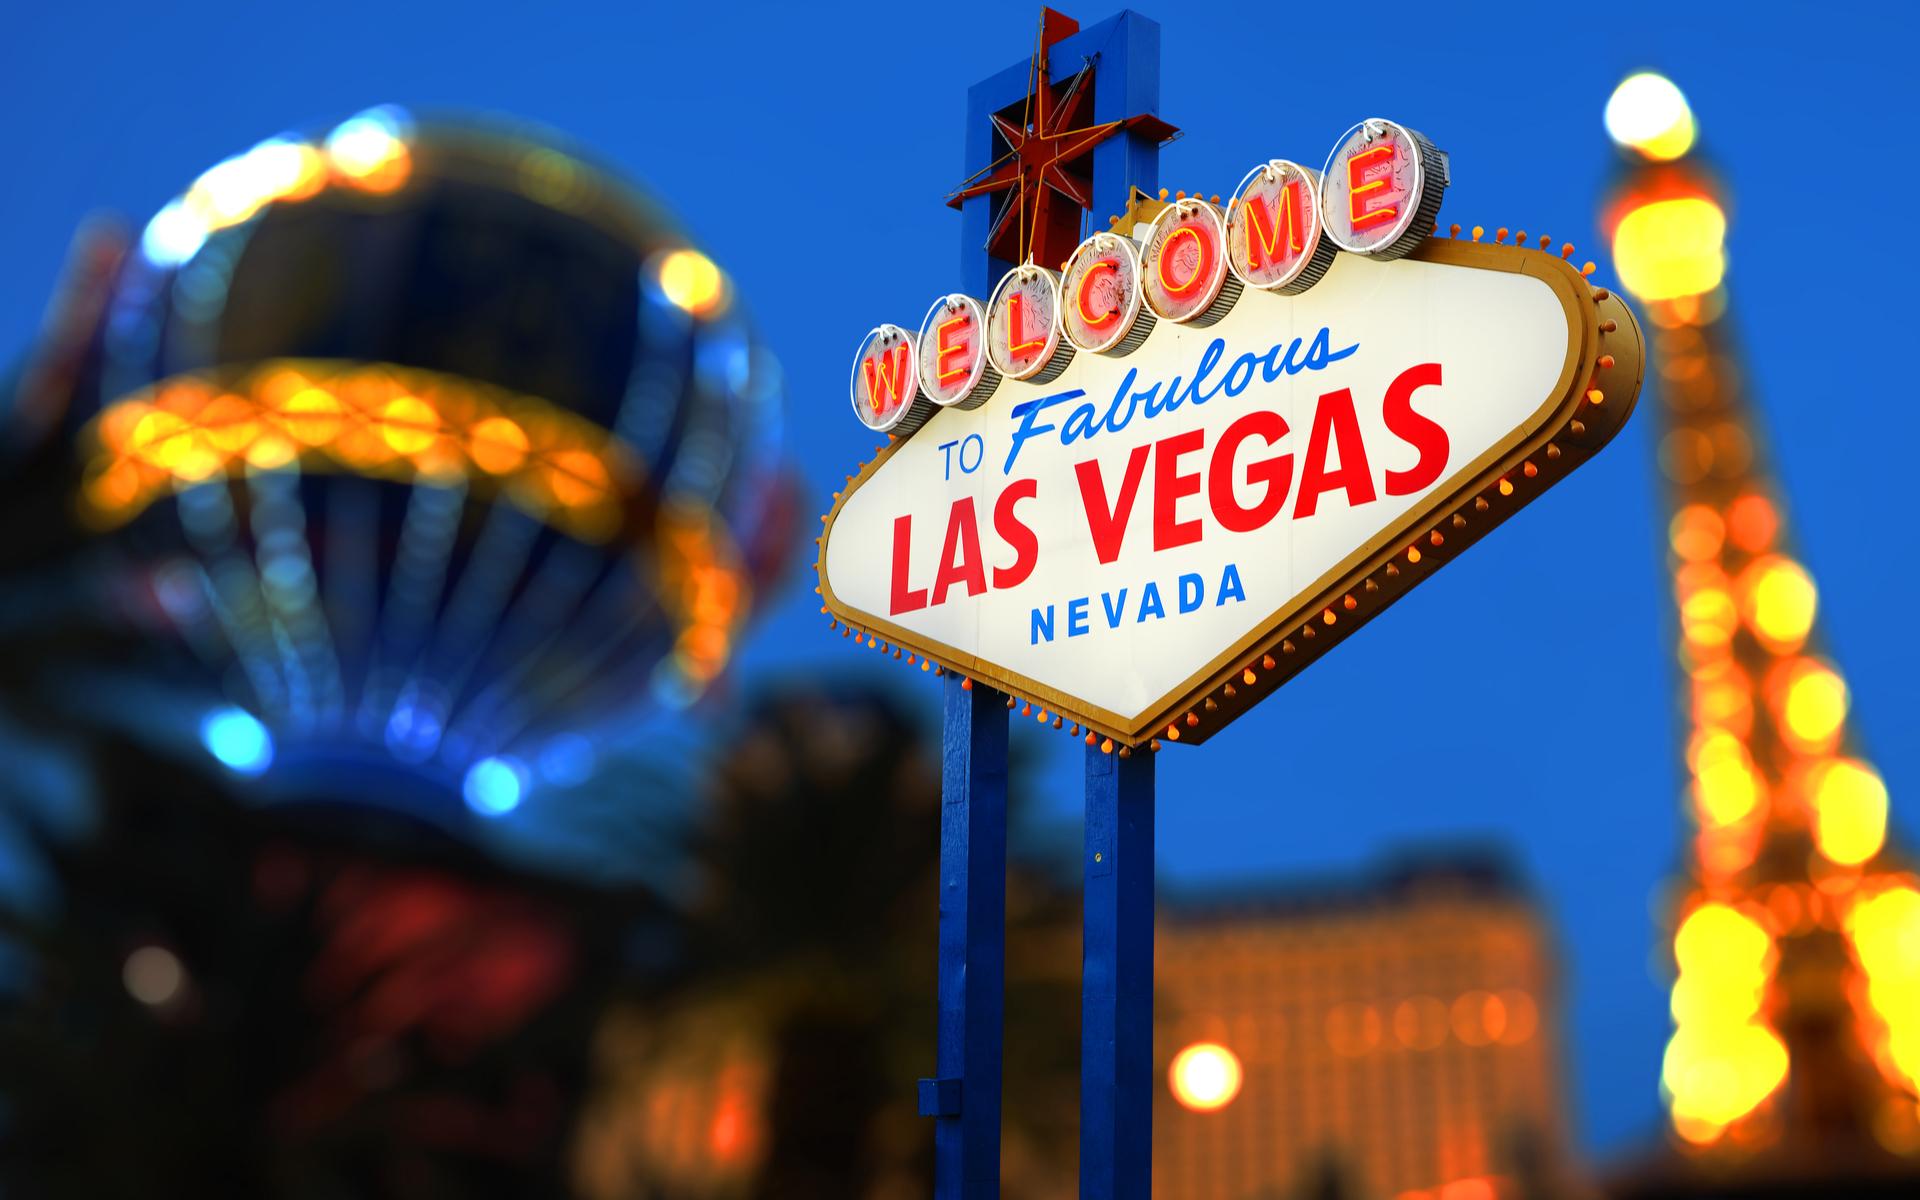 """Mike'o Tysono pinigų išgryninimas: """"Boxer"""" pristato """"Bitcoin"""" bankomatą Las Vegase"""